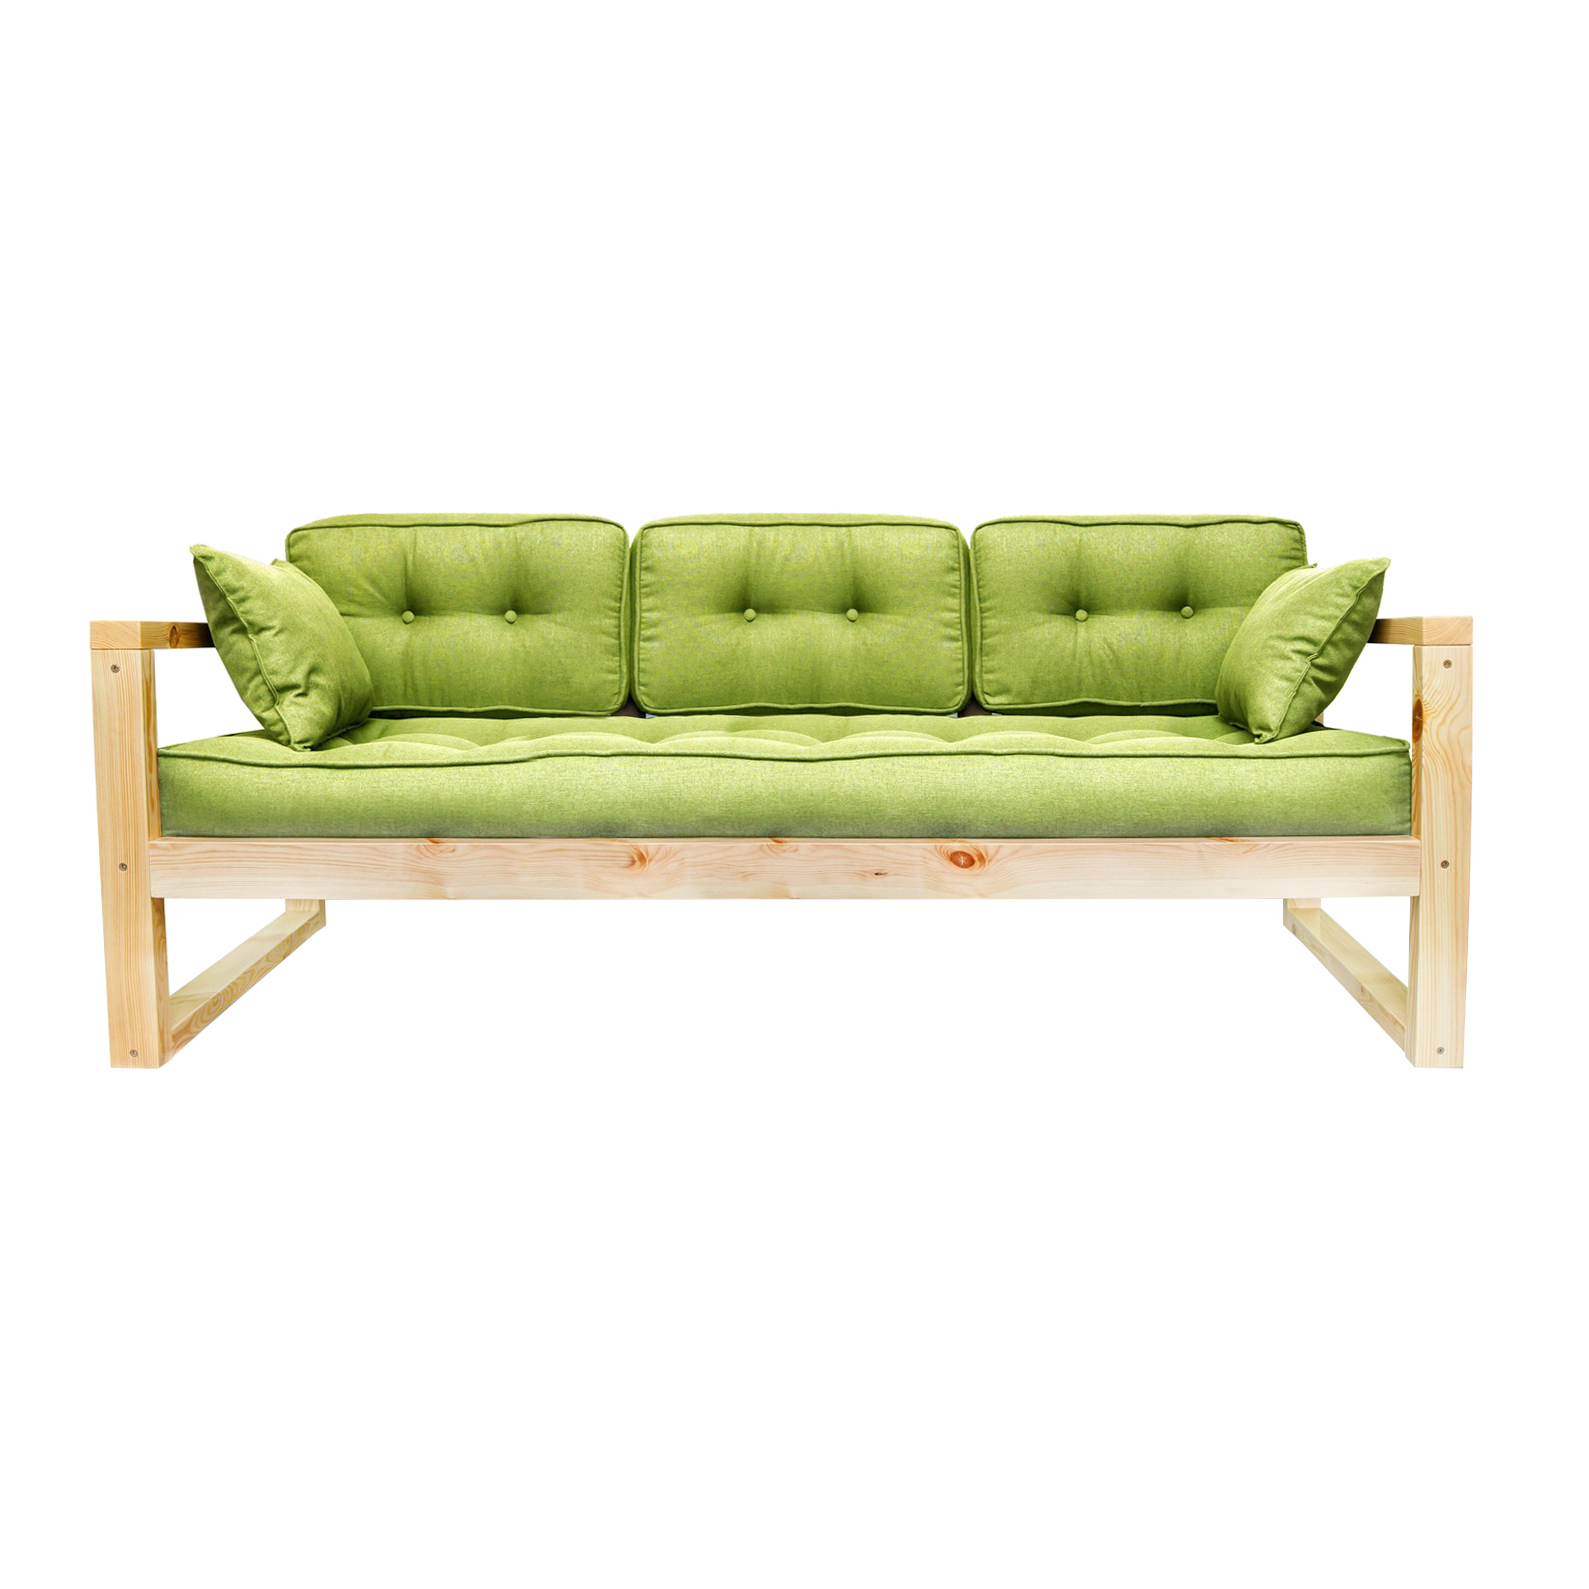 Фото - Диван AS Алекс б 178x73x64 сосна/зеленый диван as алекс б 178x73x64 белый графитовый